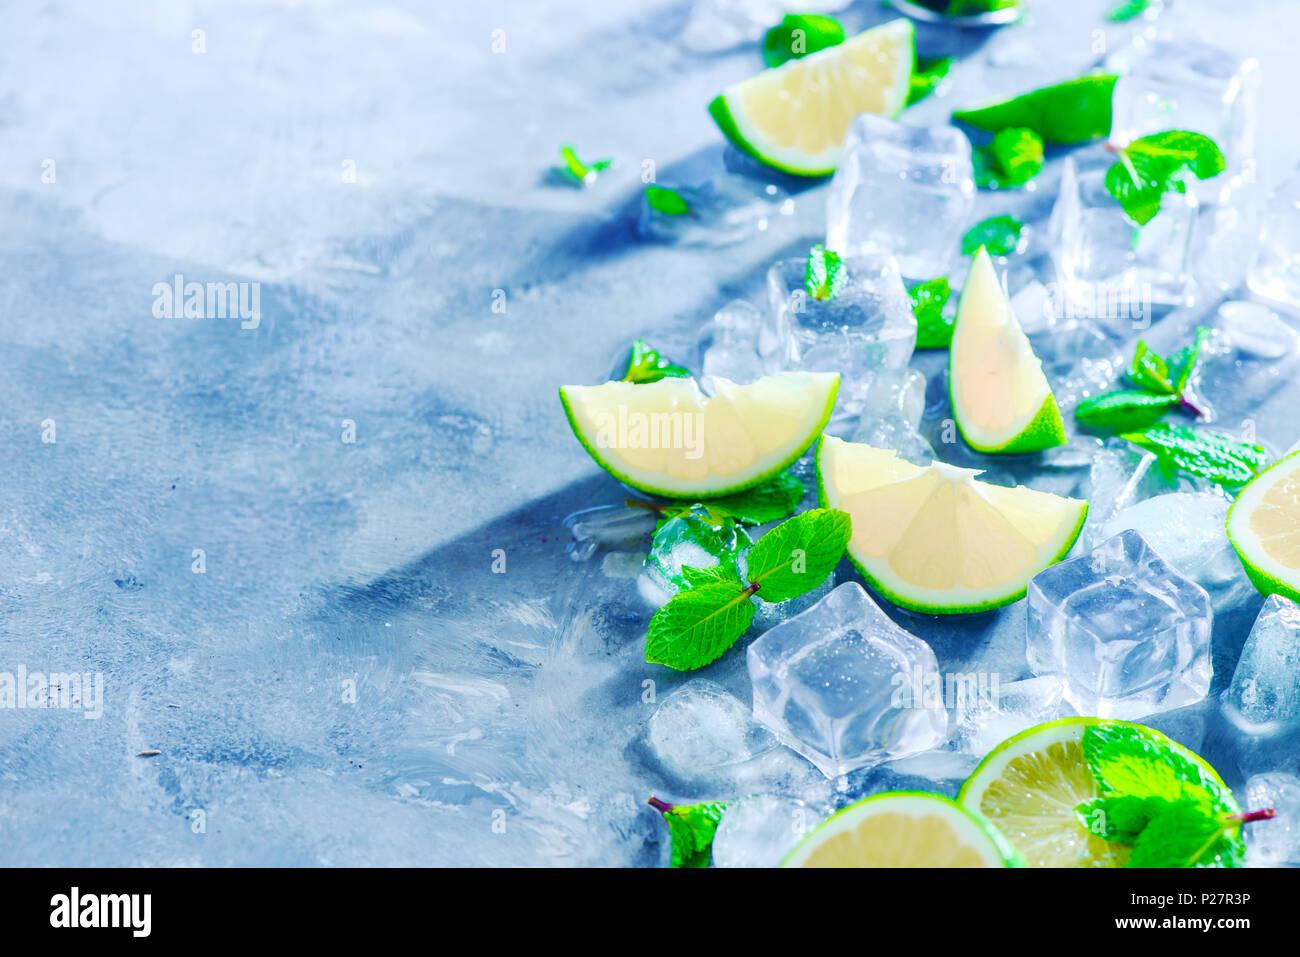 Menthe, citron vert et des glaçons, mojito cocktail Ingrédients en-tête avec copie espace. Boissons rend l'été close-up. La lumière du soleil et fraîcheur concept. Photo Stock